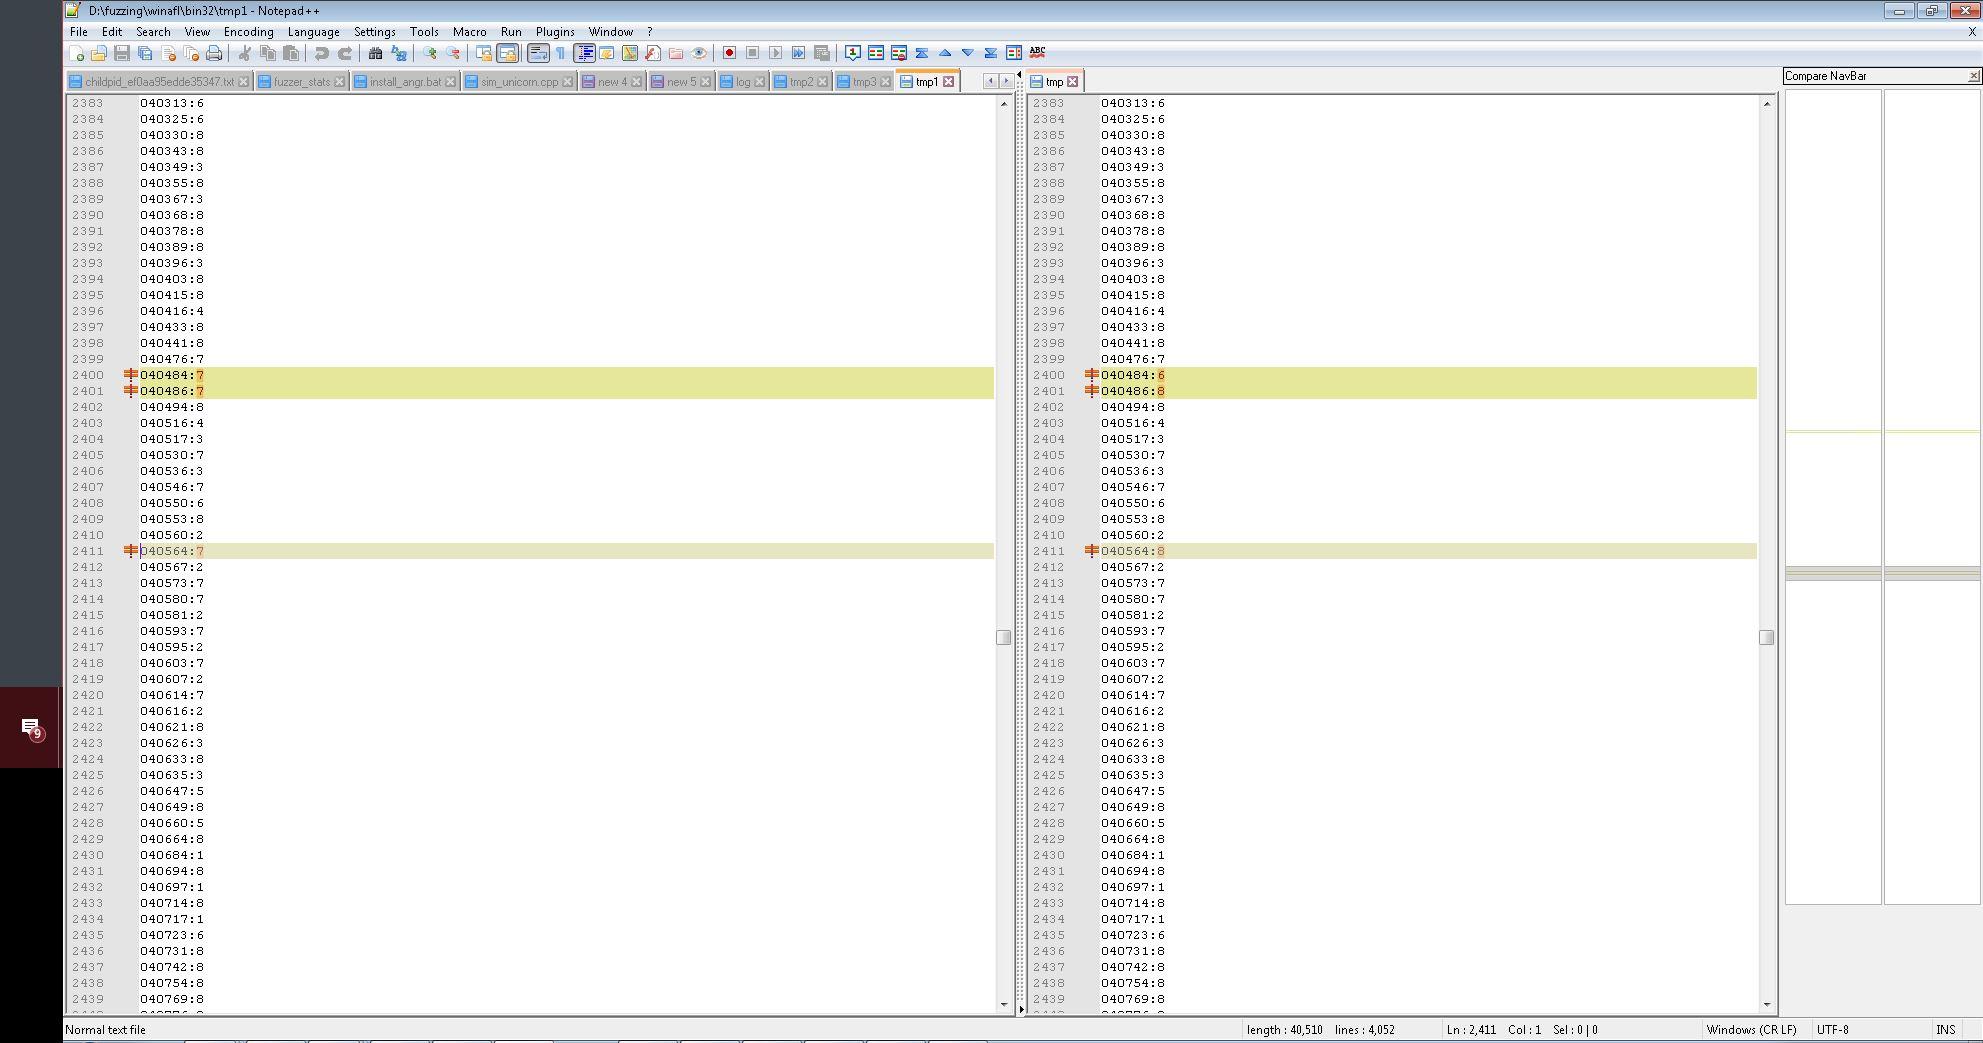 bitmap-compare-2